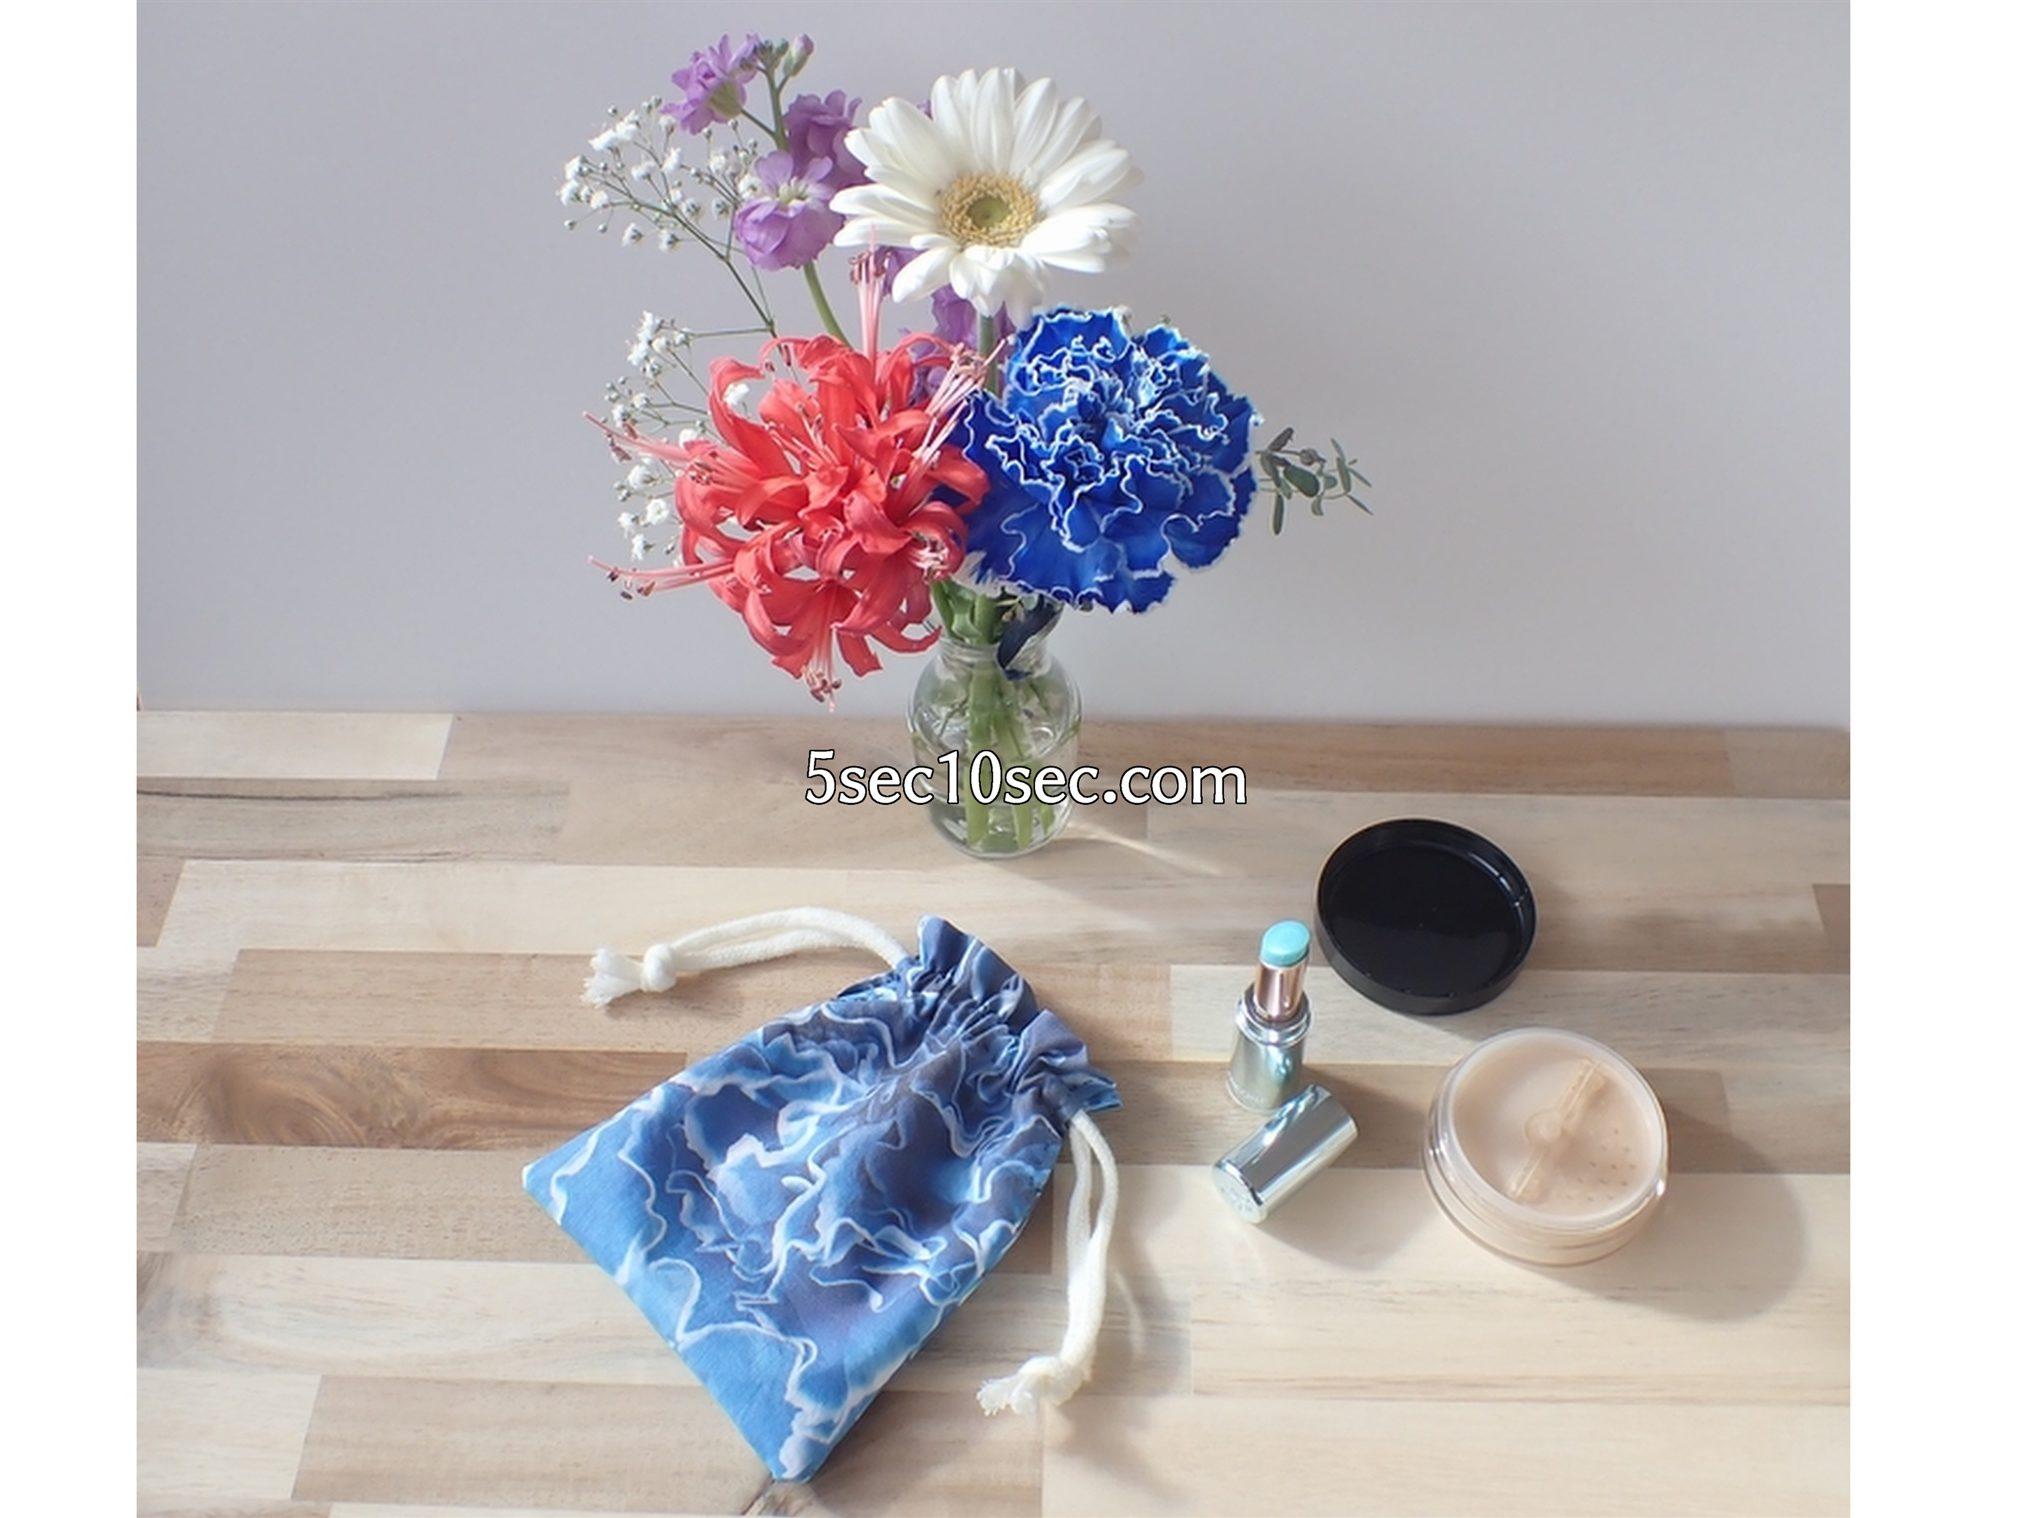 株式会社Crunch Style お花の定期便 Bloomee LIFE ブルーミーライフのお花の写真を使って布プリで作った巾着の用途は、コスメの収納に、ポーチ代わりに